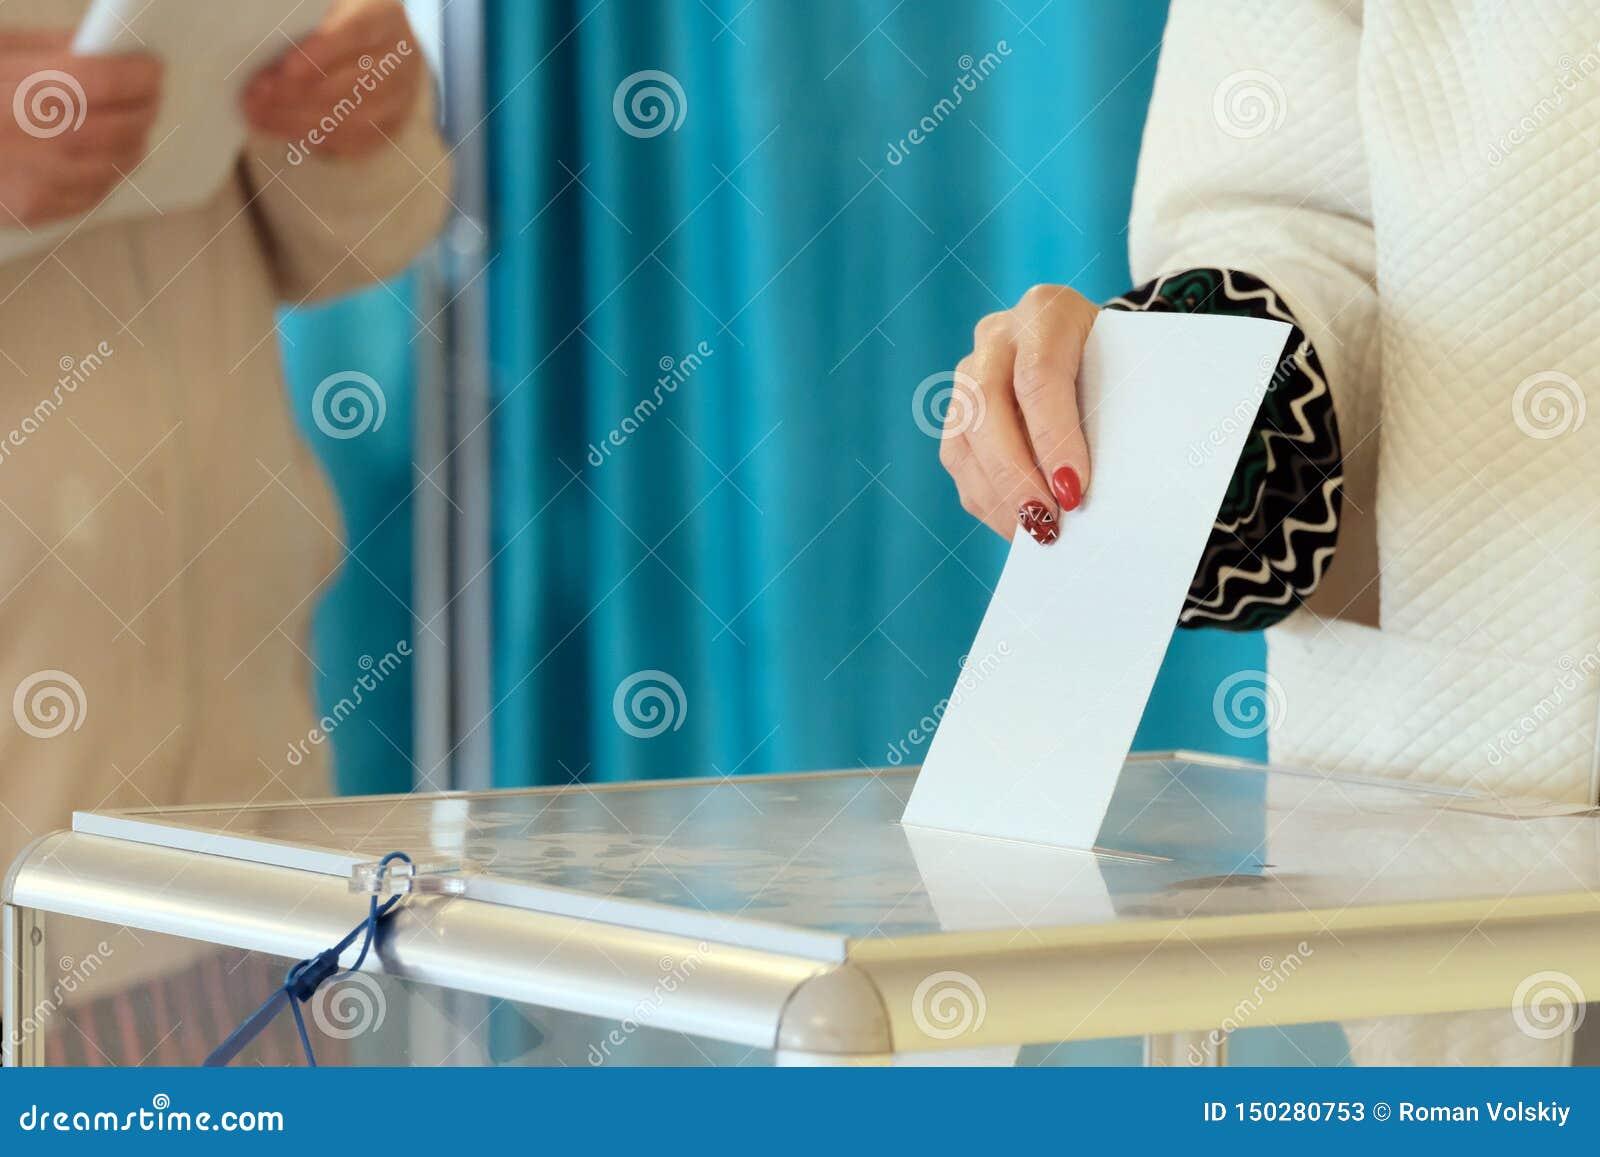 Σταθμός ψηφοφορίας Σε εθνικό επίπεδο ψηφοφορία, εκλογές Το χέρι ενός κοριτσιού με ένα όμορφο μανικιούρ χαμηλώνει την ψήφο σε έναν